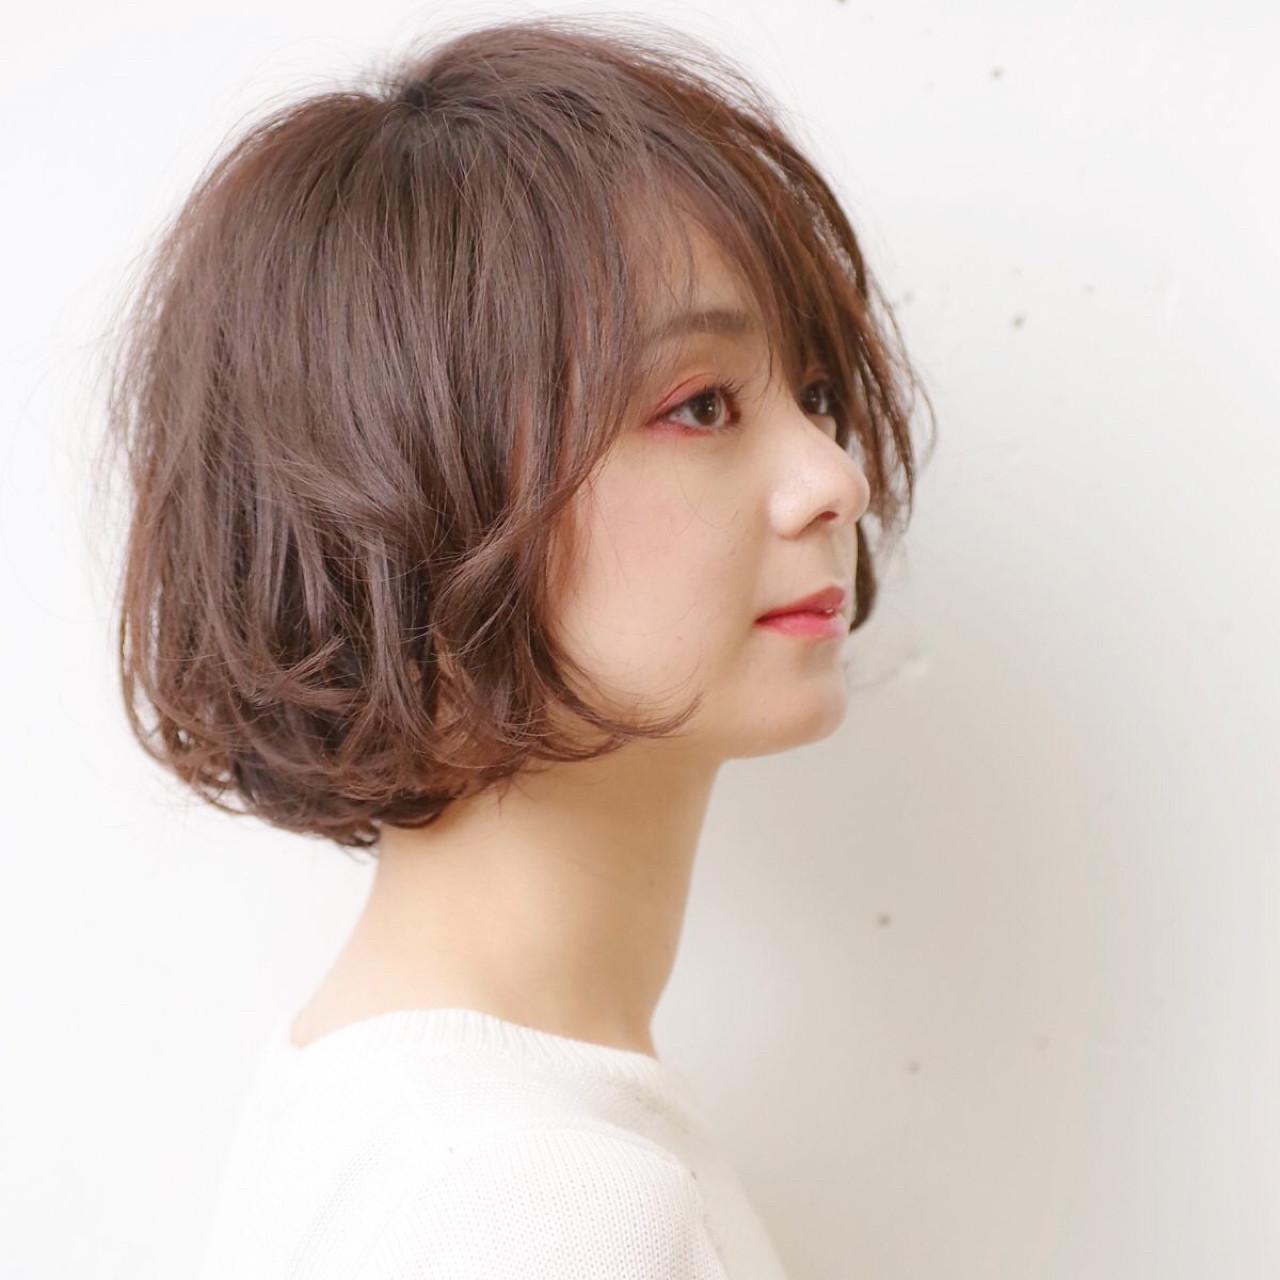 ヘアアレンジ デート 抜け感 ボブ ヘアスタイルや髪型の写真・画像 | hair salon ing 一柳 紀子 / hair salon ing (ヘア サロン イング)